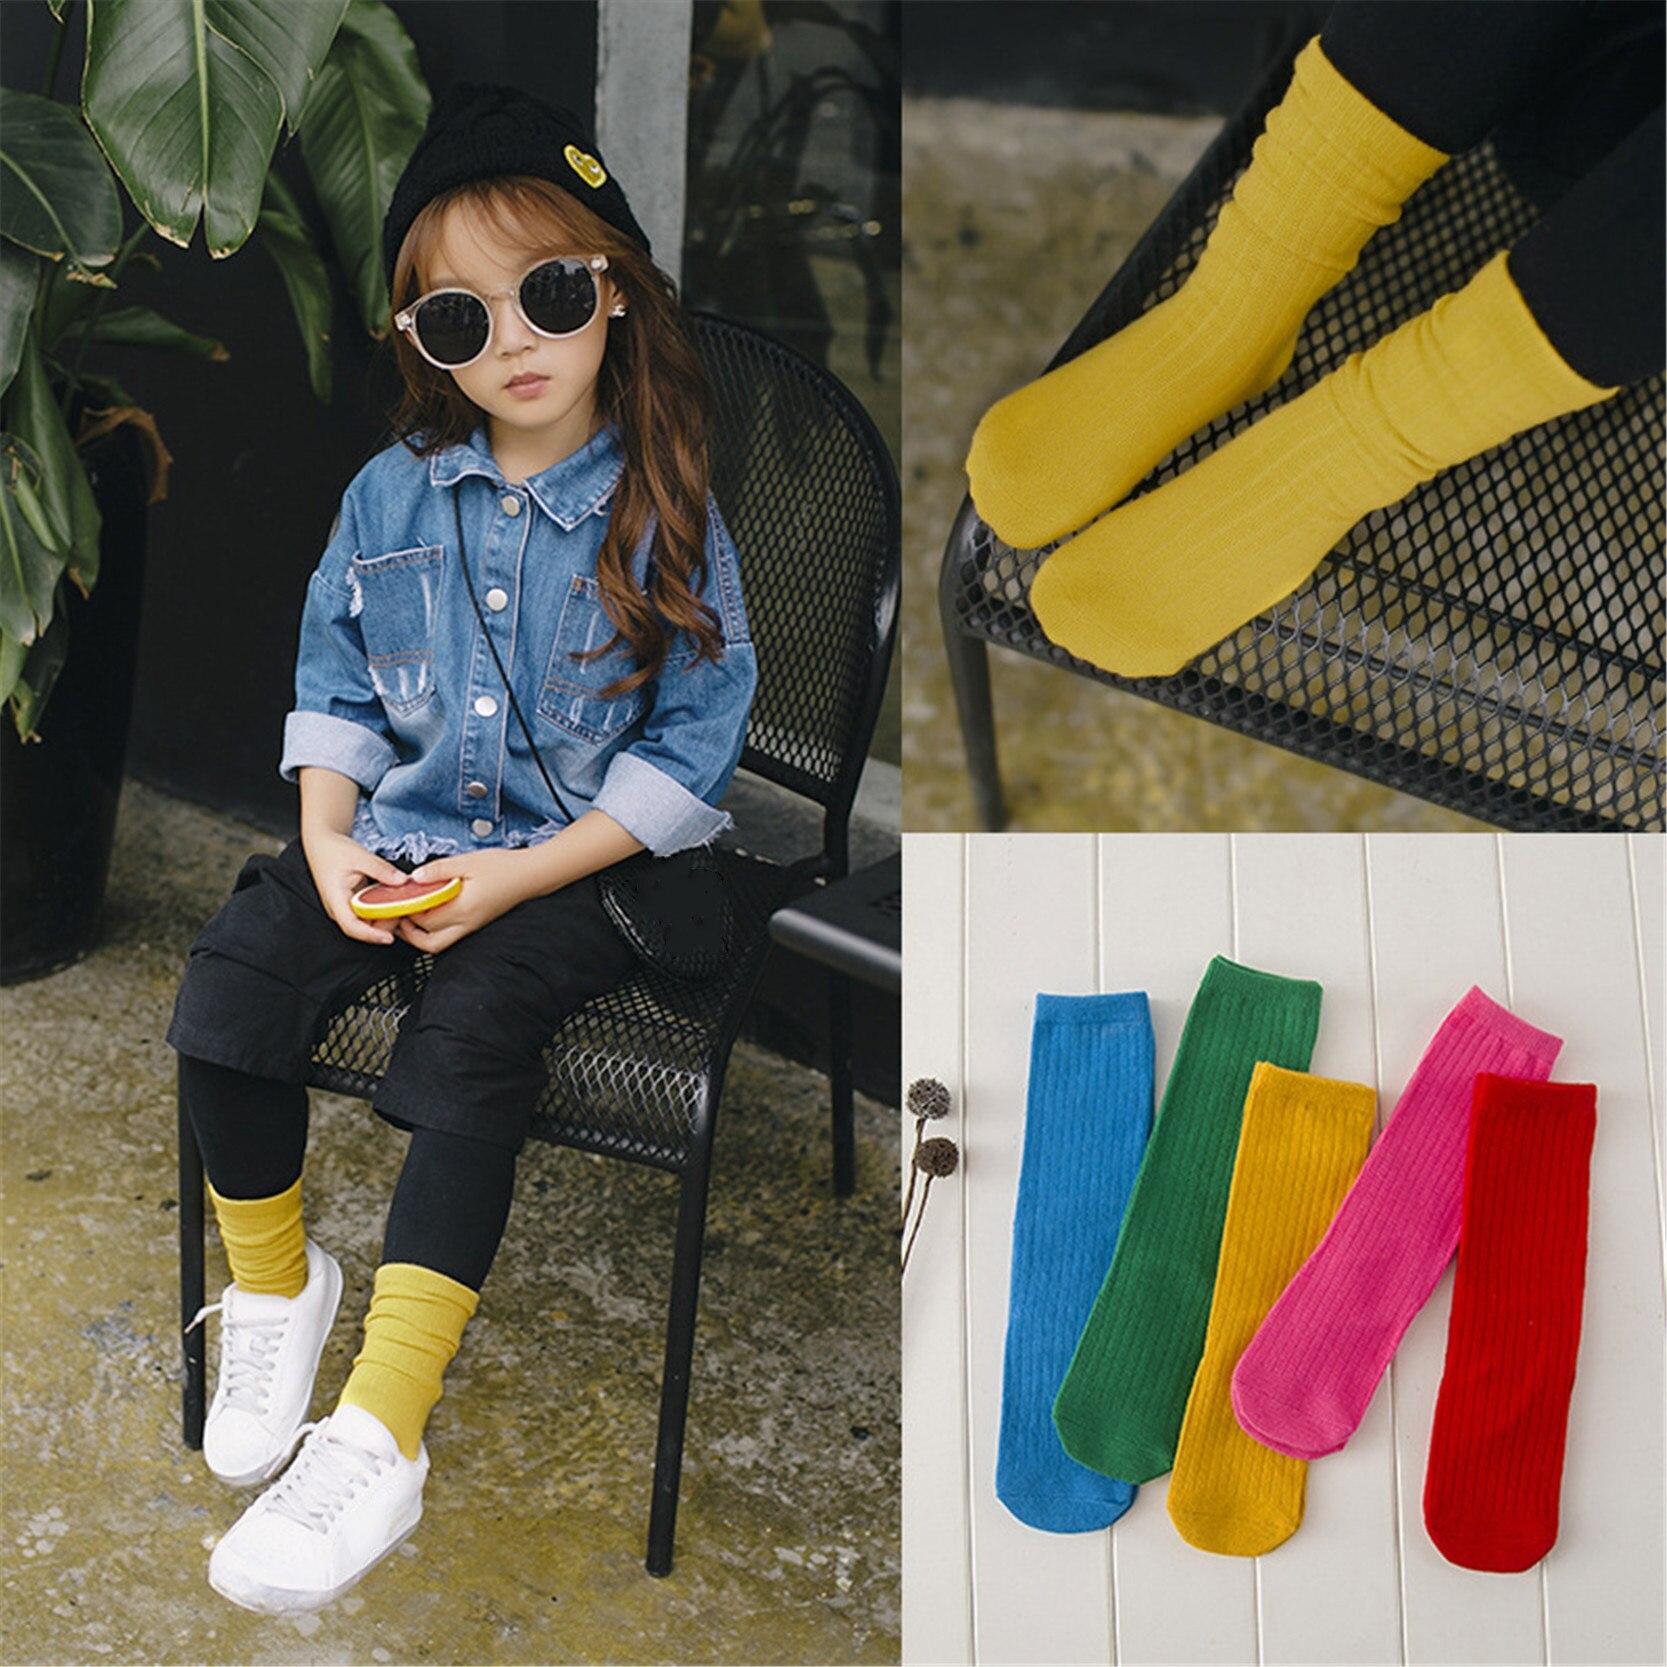 New Candy Color Children Socks For Girls Boys Cotton High Knee Tube Socks Infant 0-3 Years цена